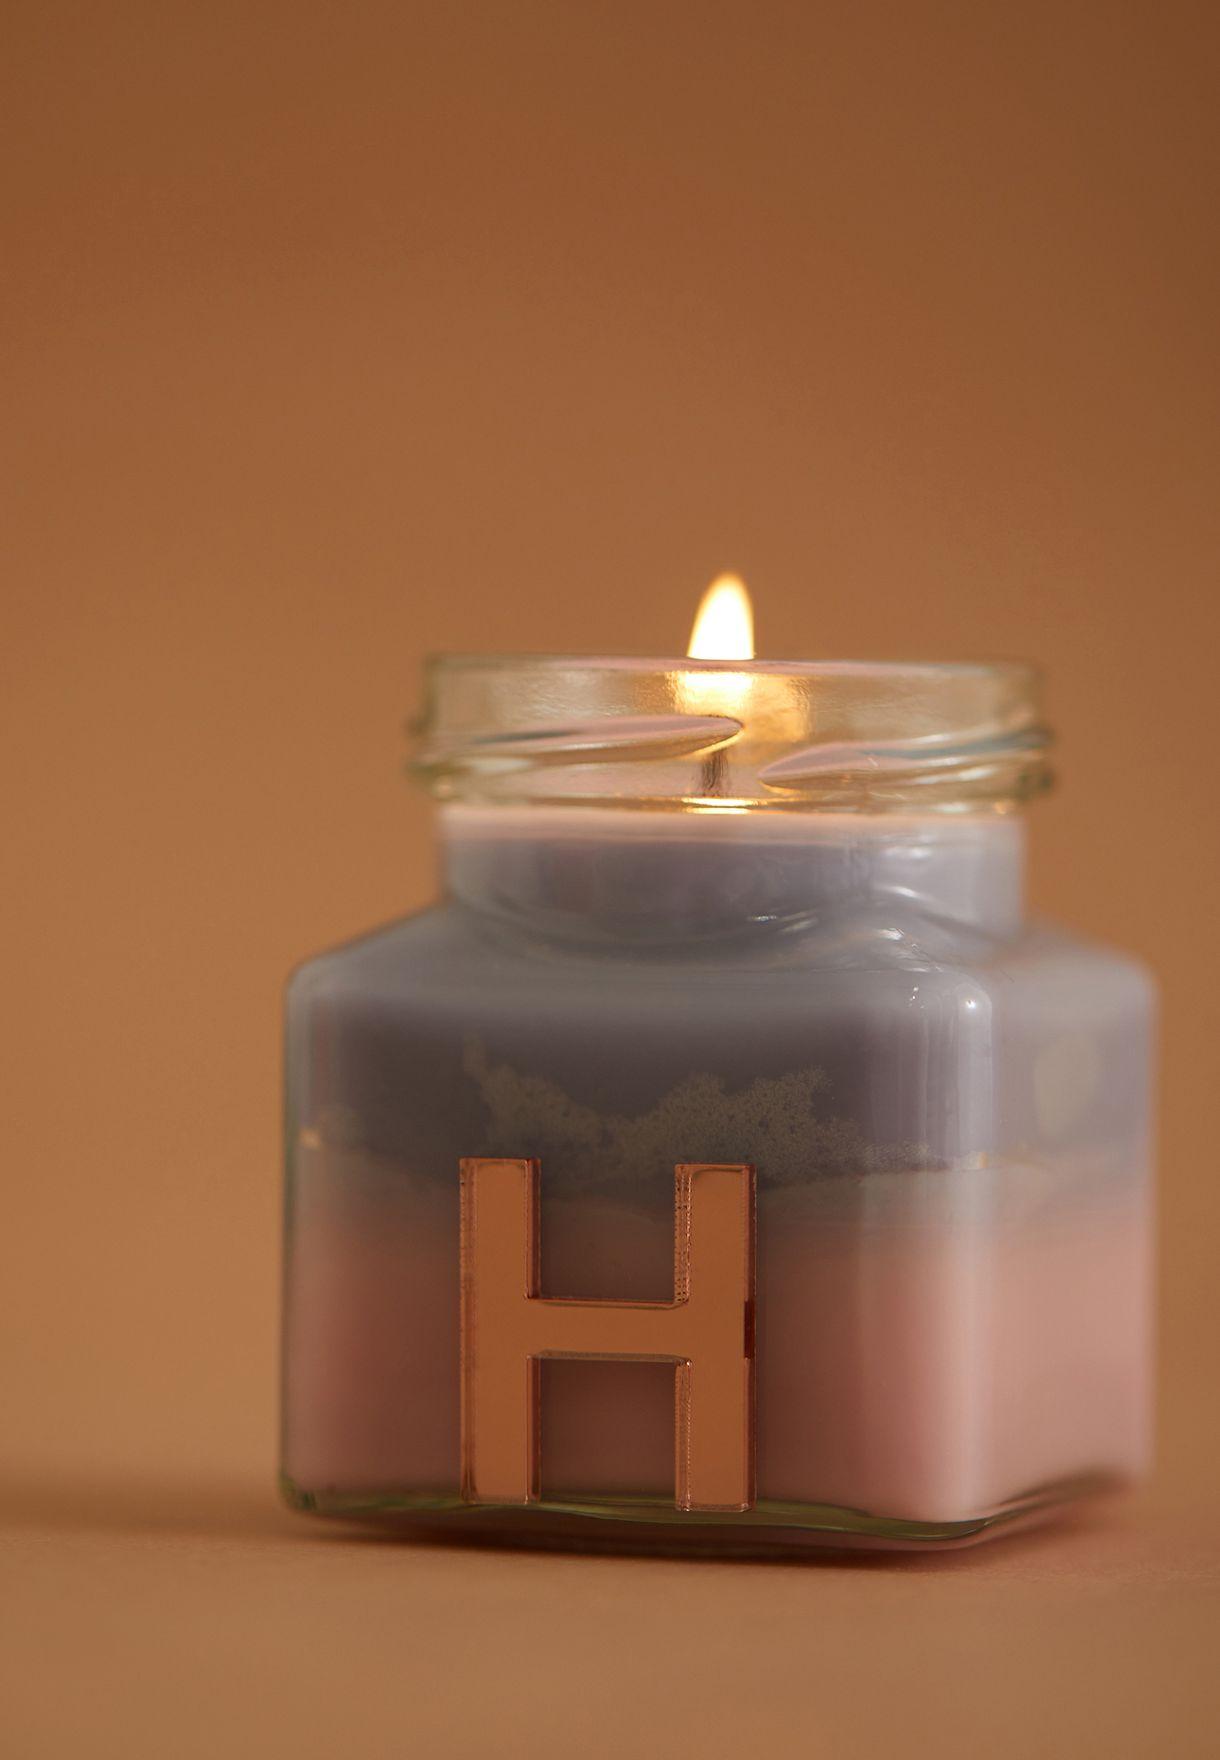 Vanilla Ylang Ylang Initial H Candle